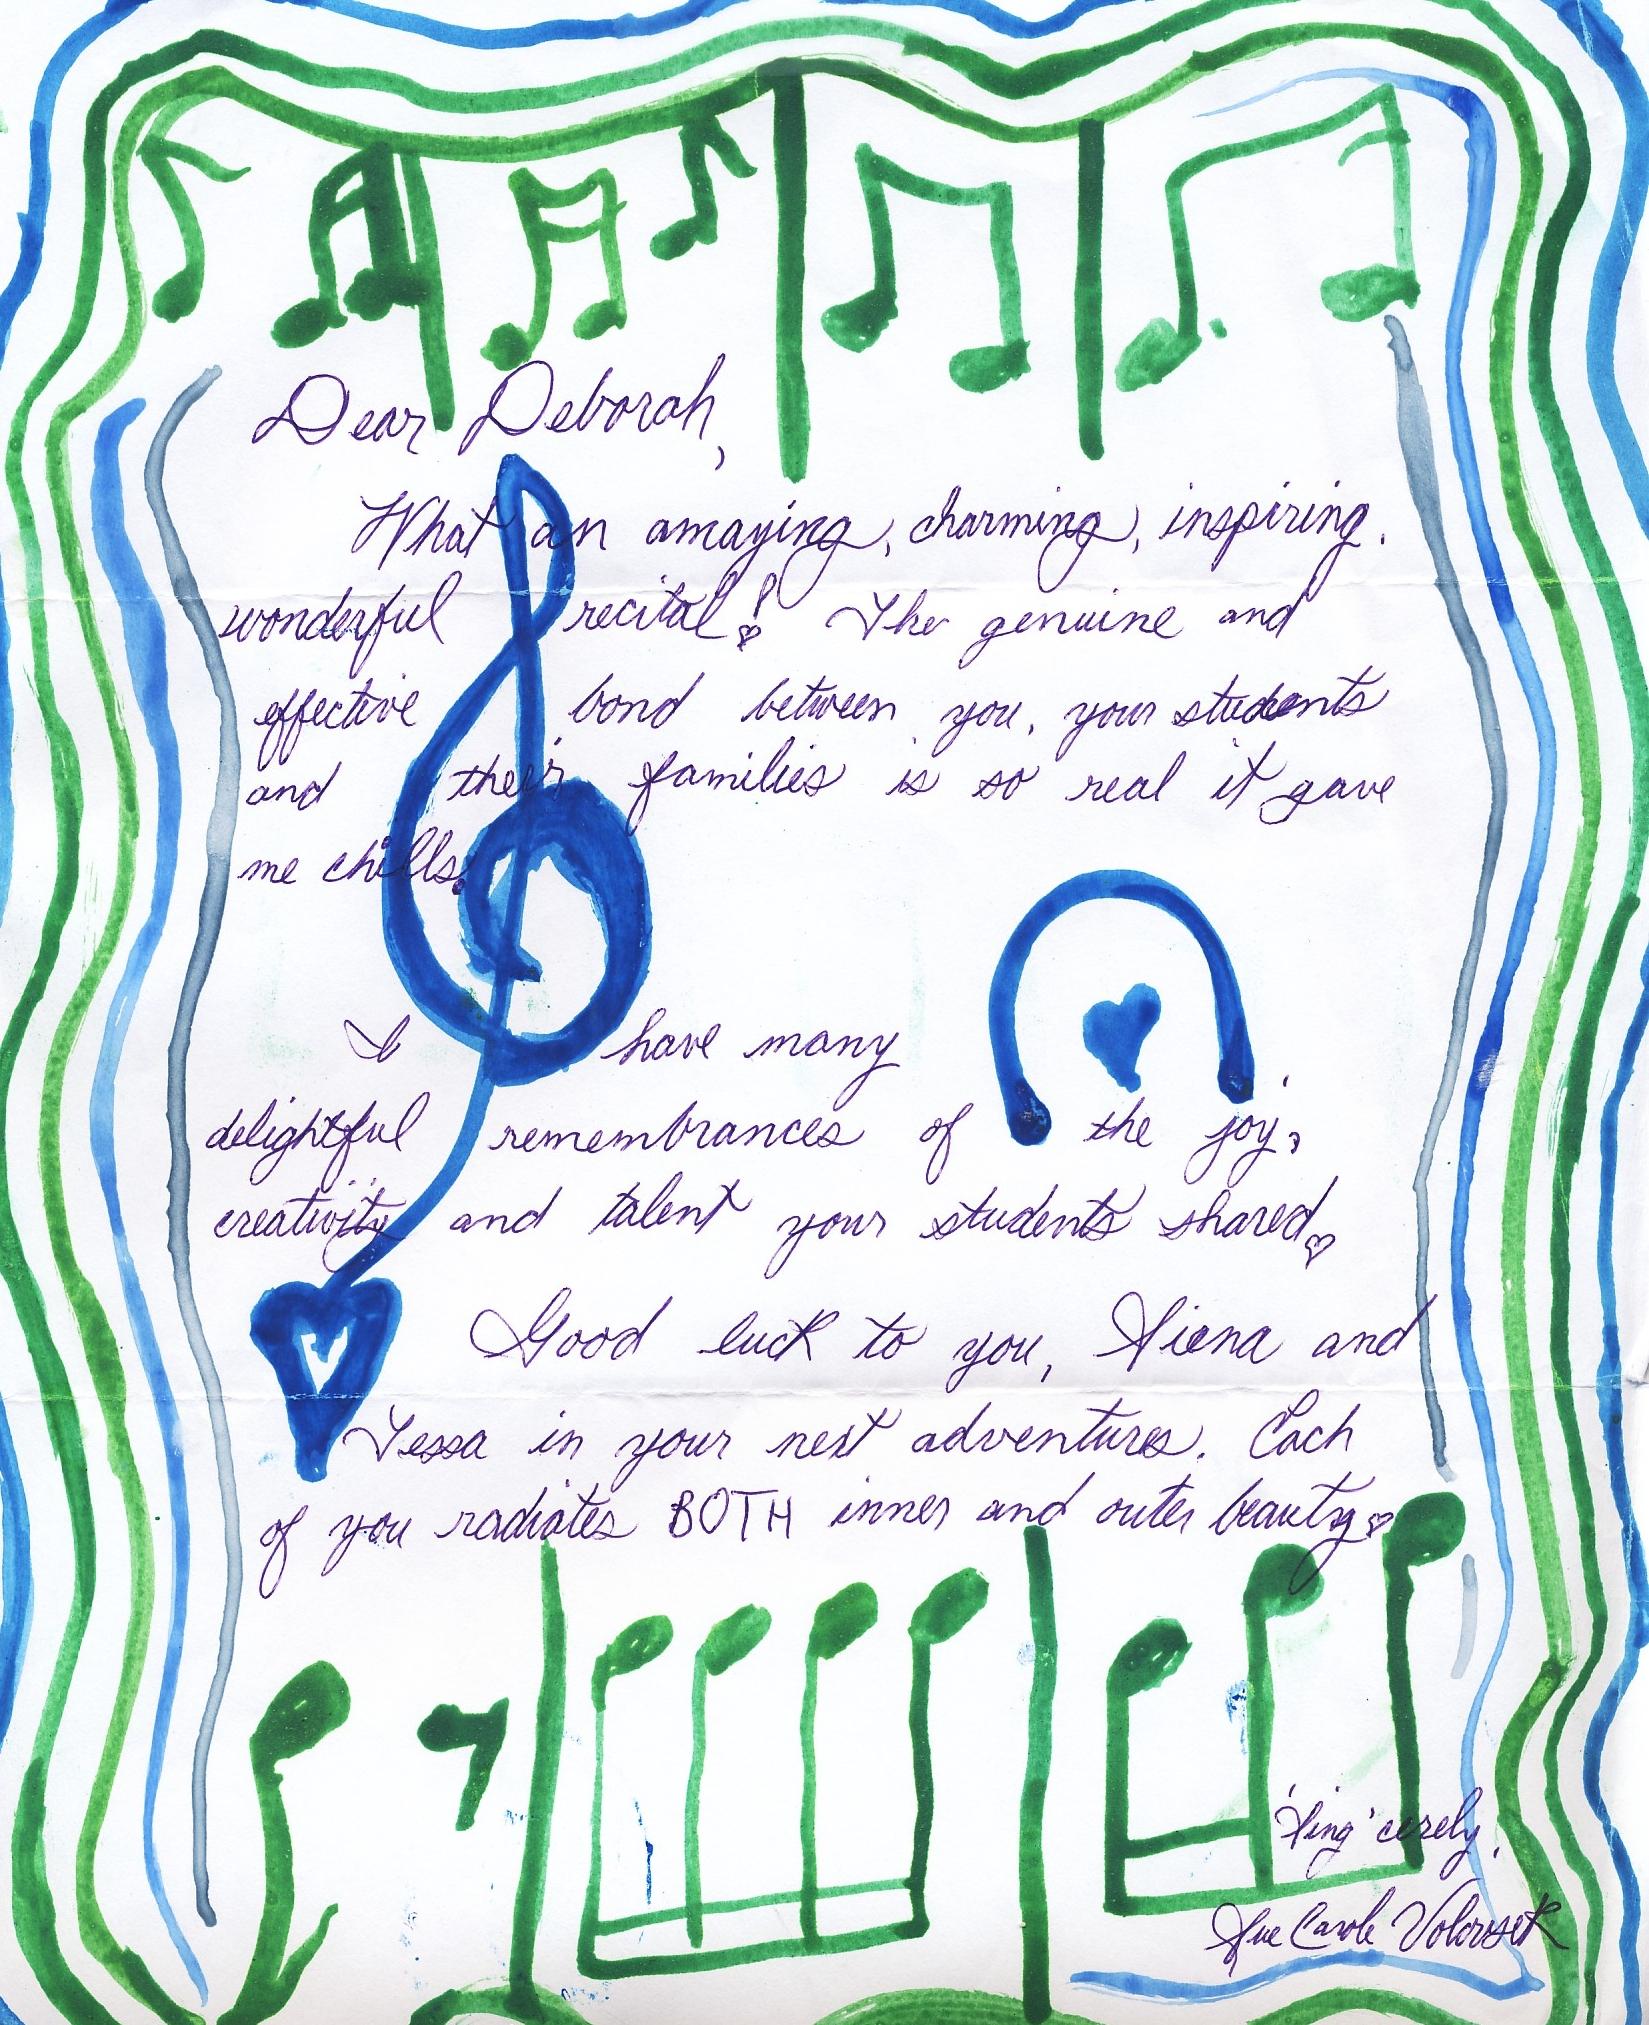 Letter from Sue Voleriset.jpg